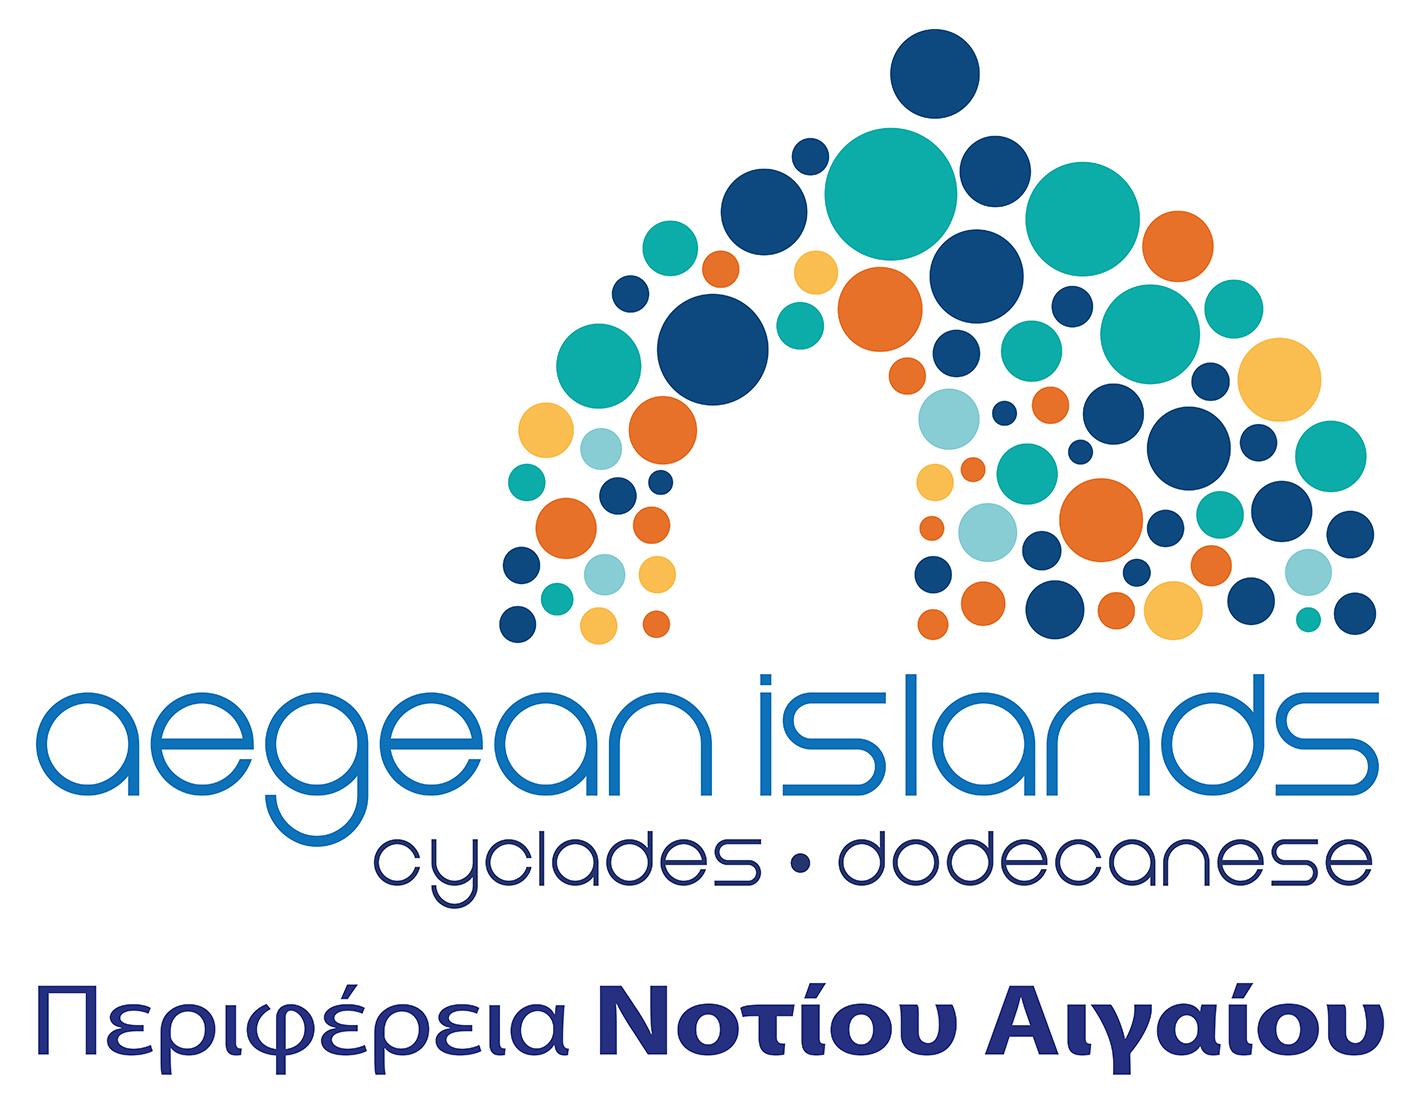 Πρόσκληση στη συνεδρίαση της Οικονομικής Επιτροπής, Περιφέρειας Νοτίου Αιγαίου